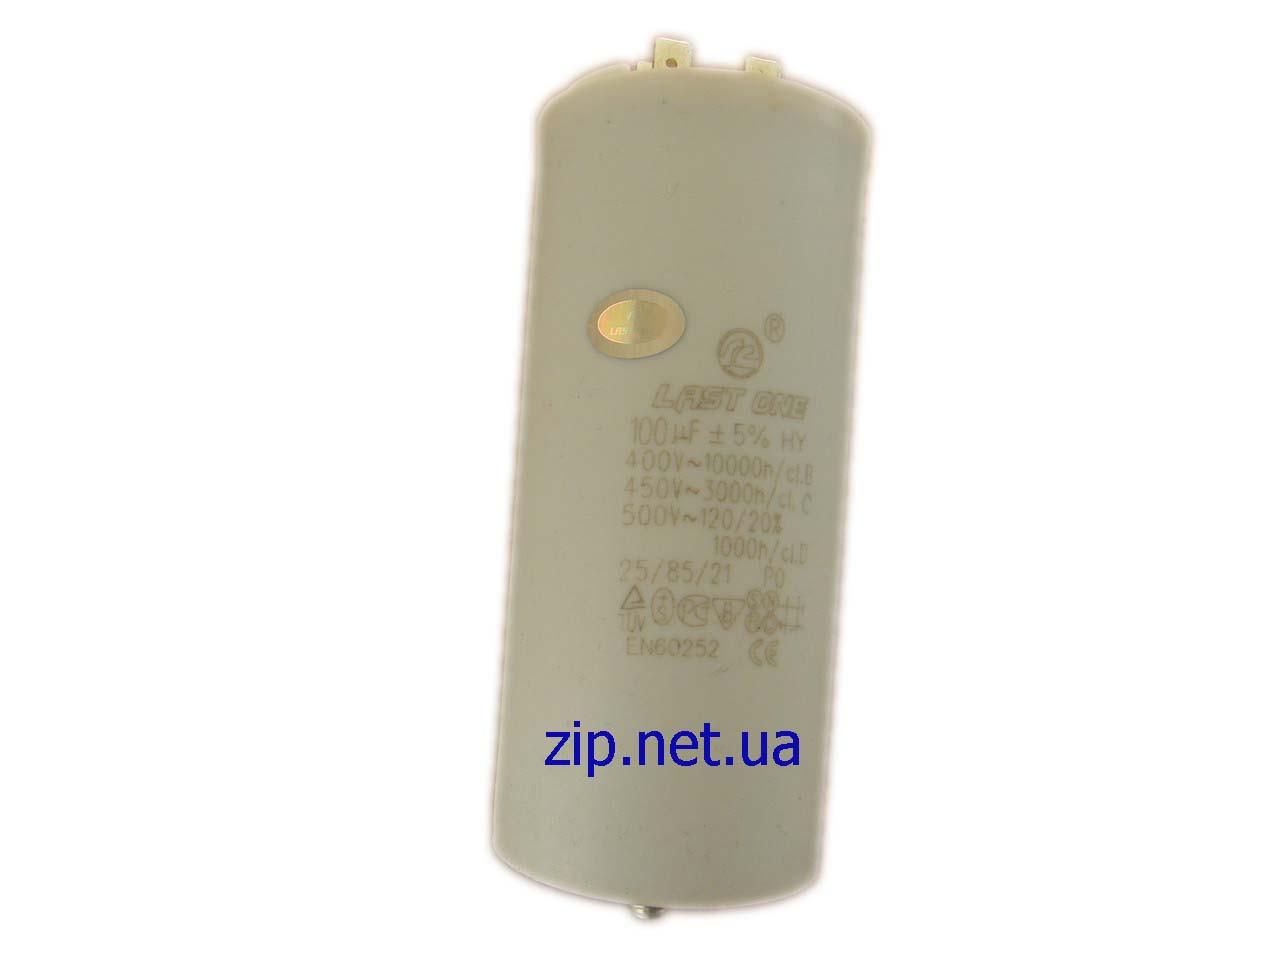 Конденсатор пусковой 100.0 мкф. 450 v